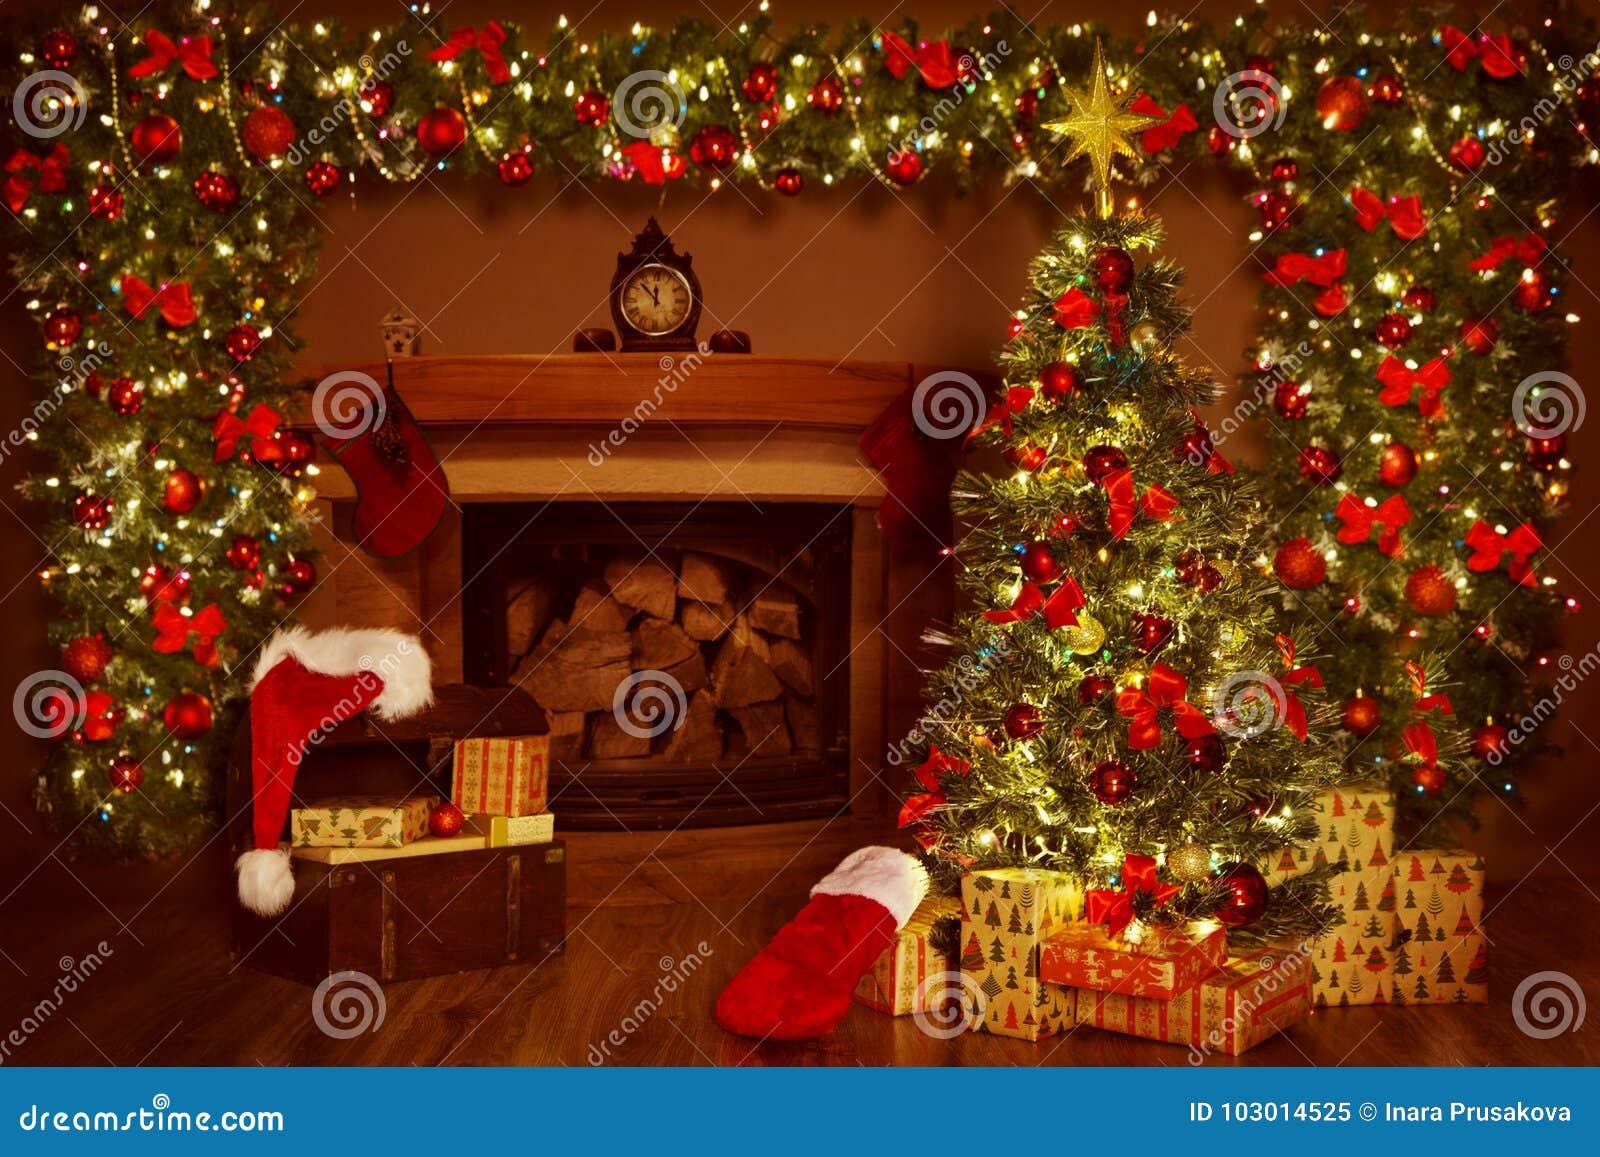 Η εστία Χριστουγέννων και το χριστουγεννιάτικο δέντρο, παρουσιάζουν τις διακοσμήσεις δώρων